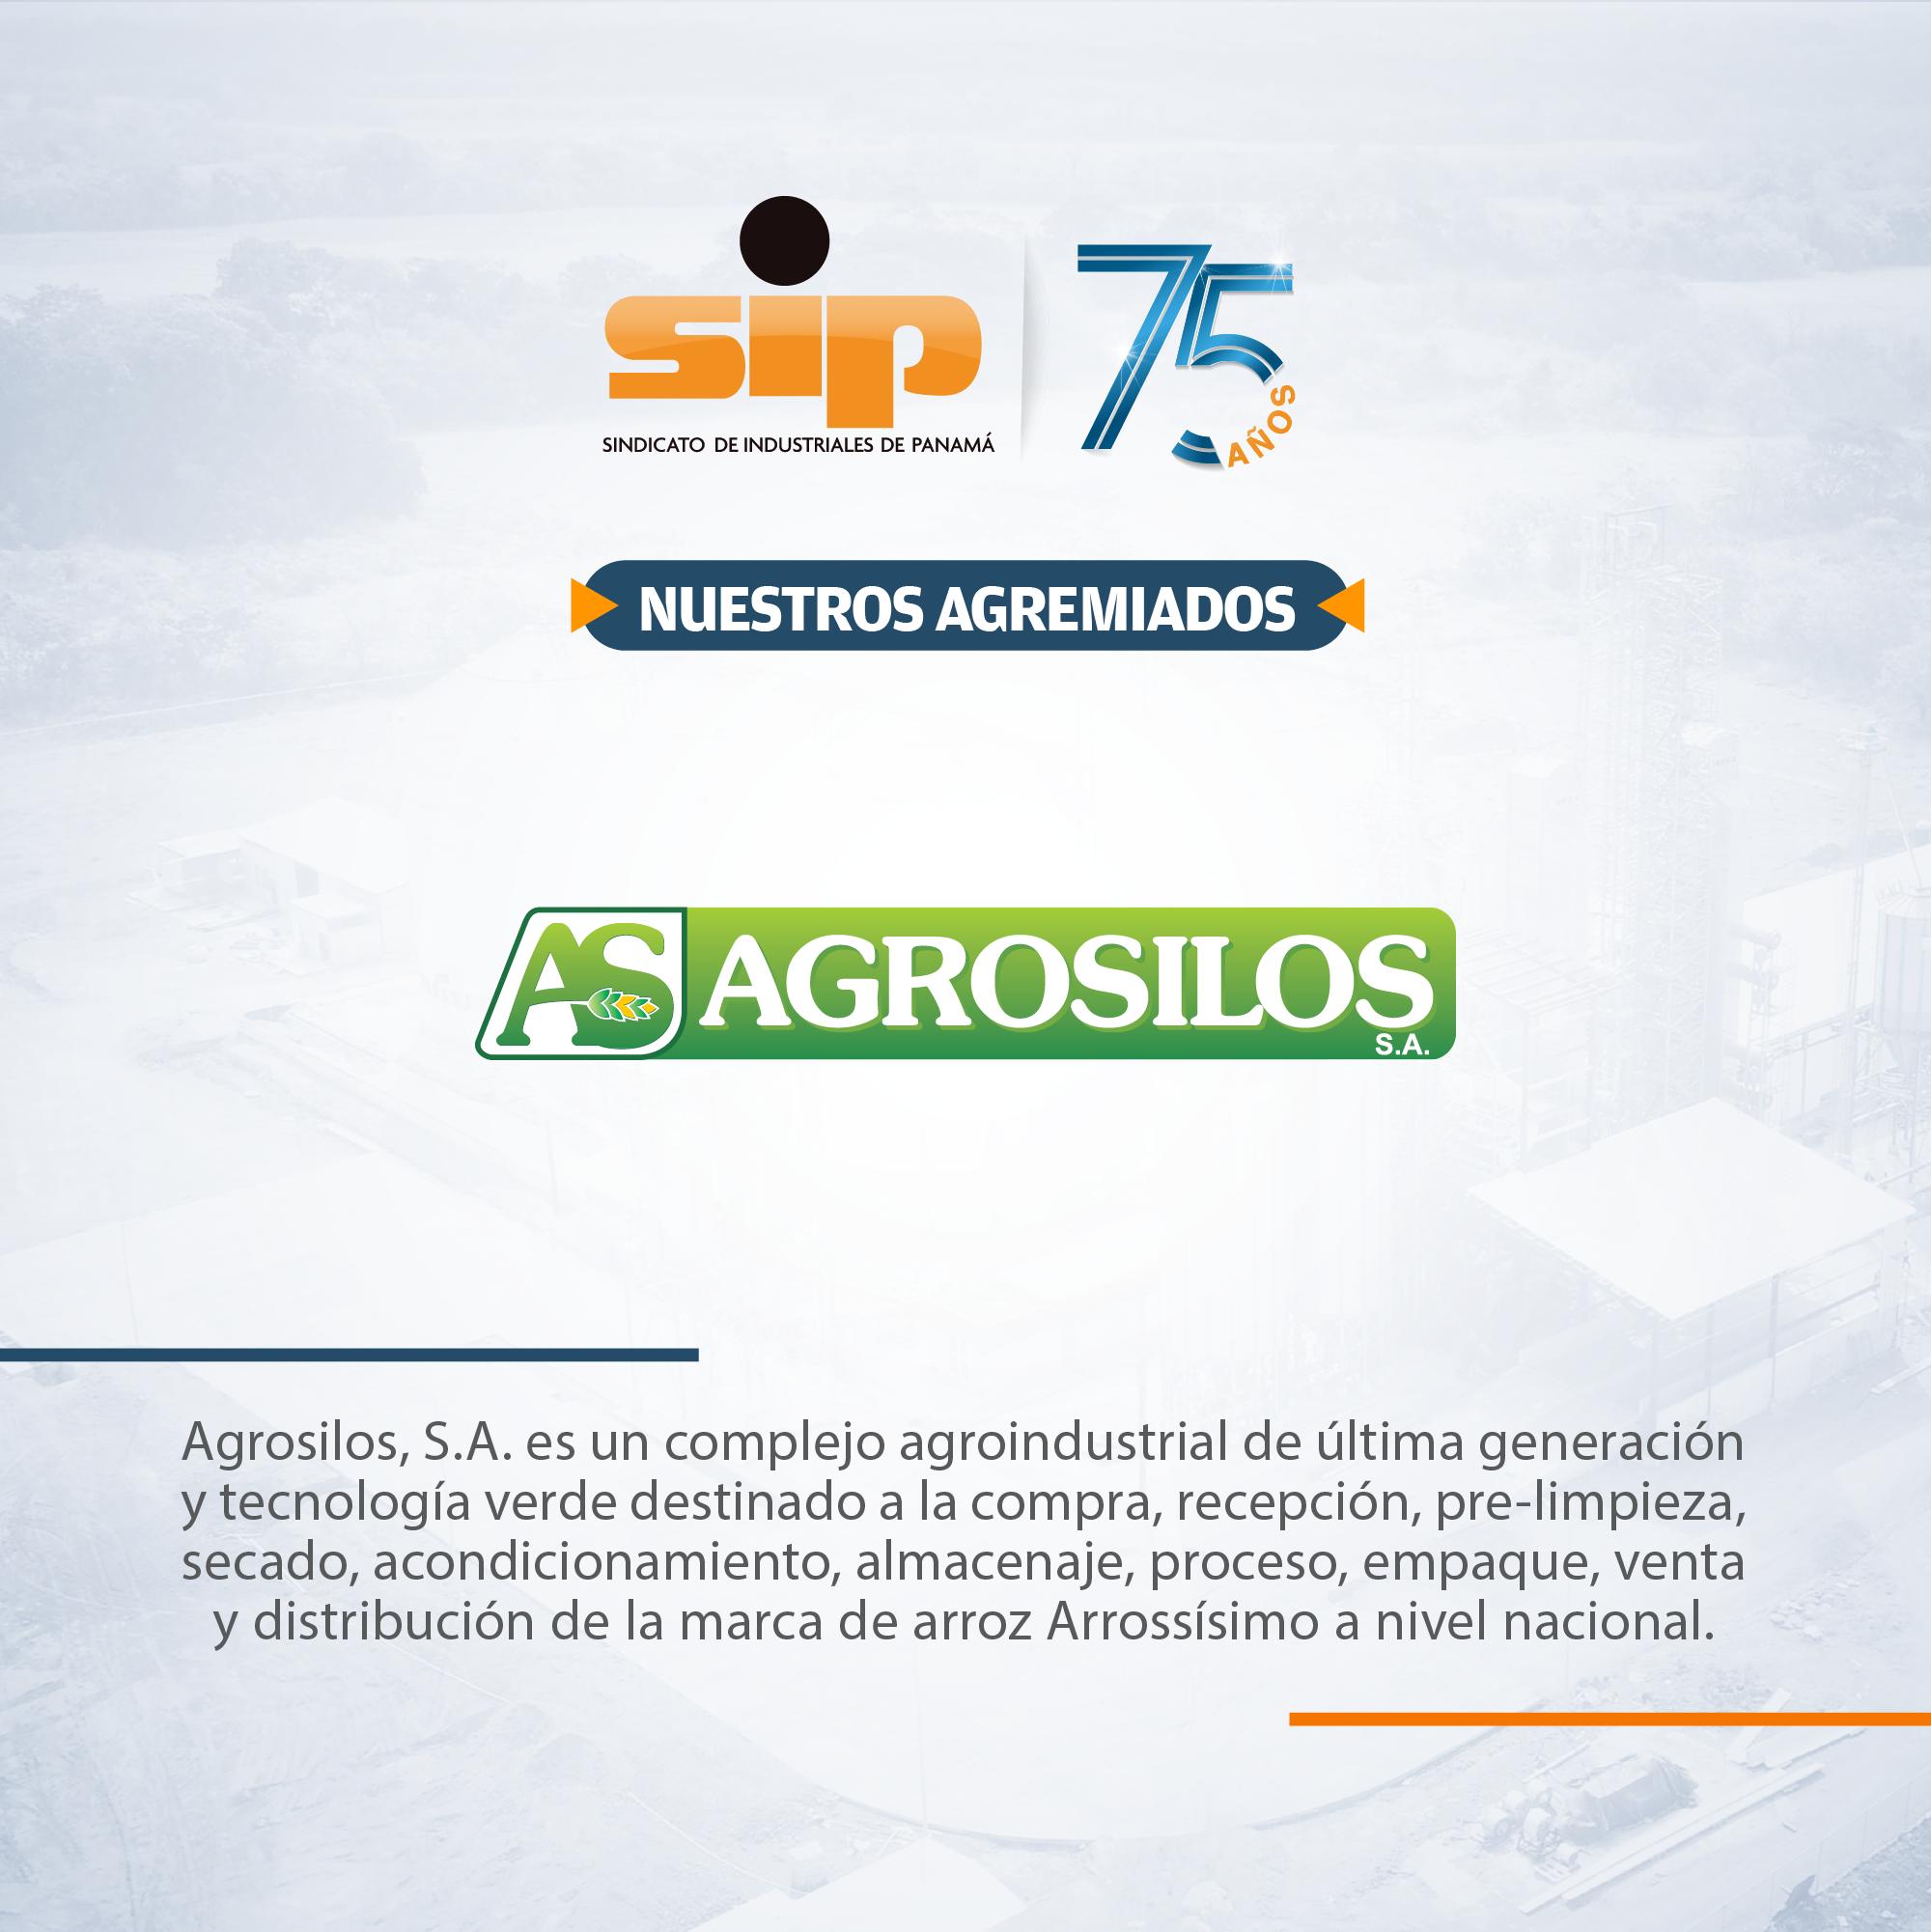 Agrosilos, S.A.